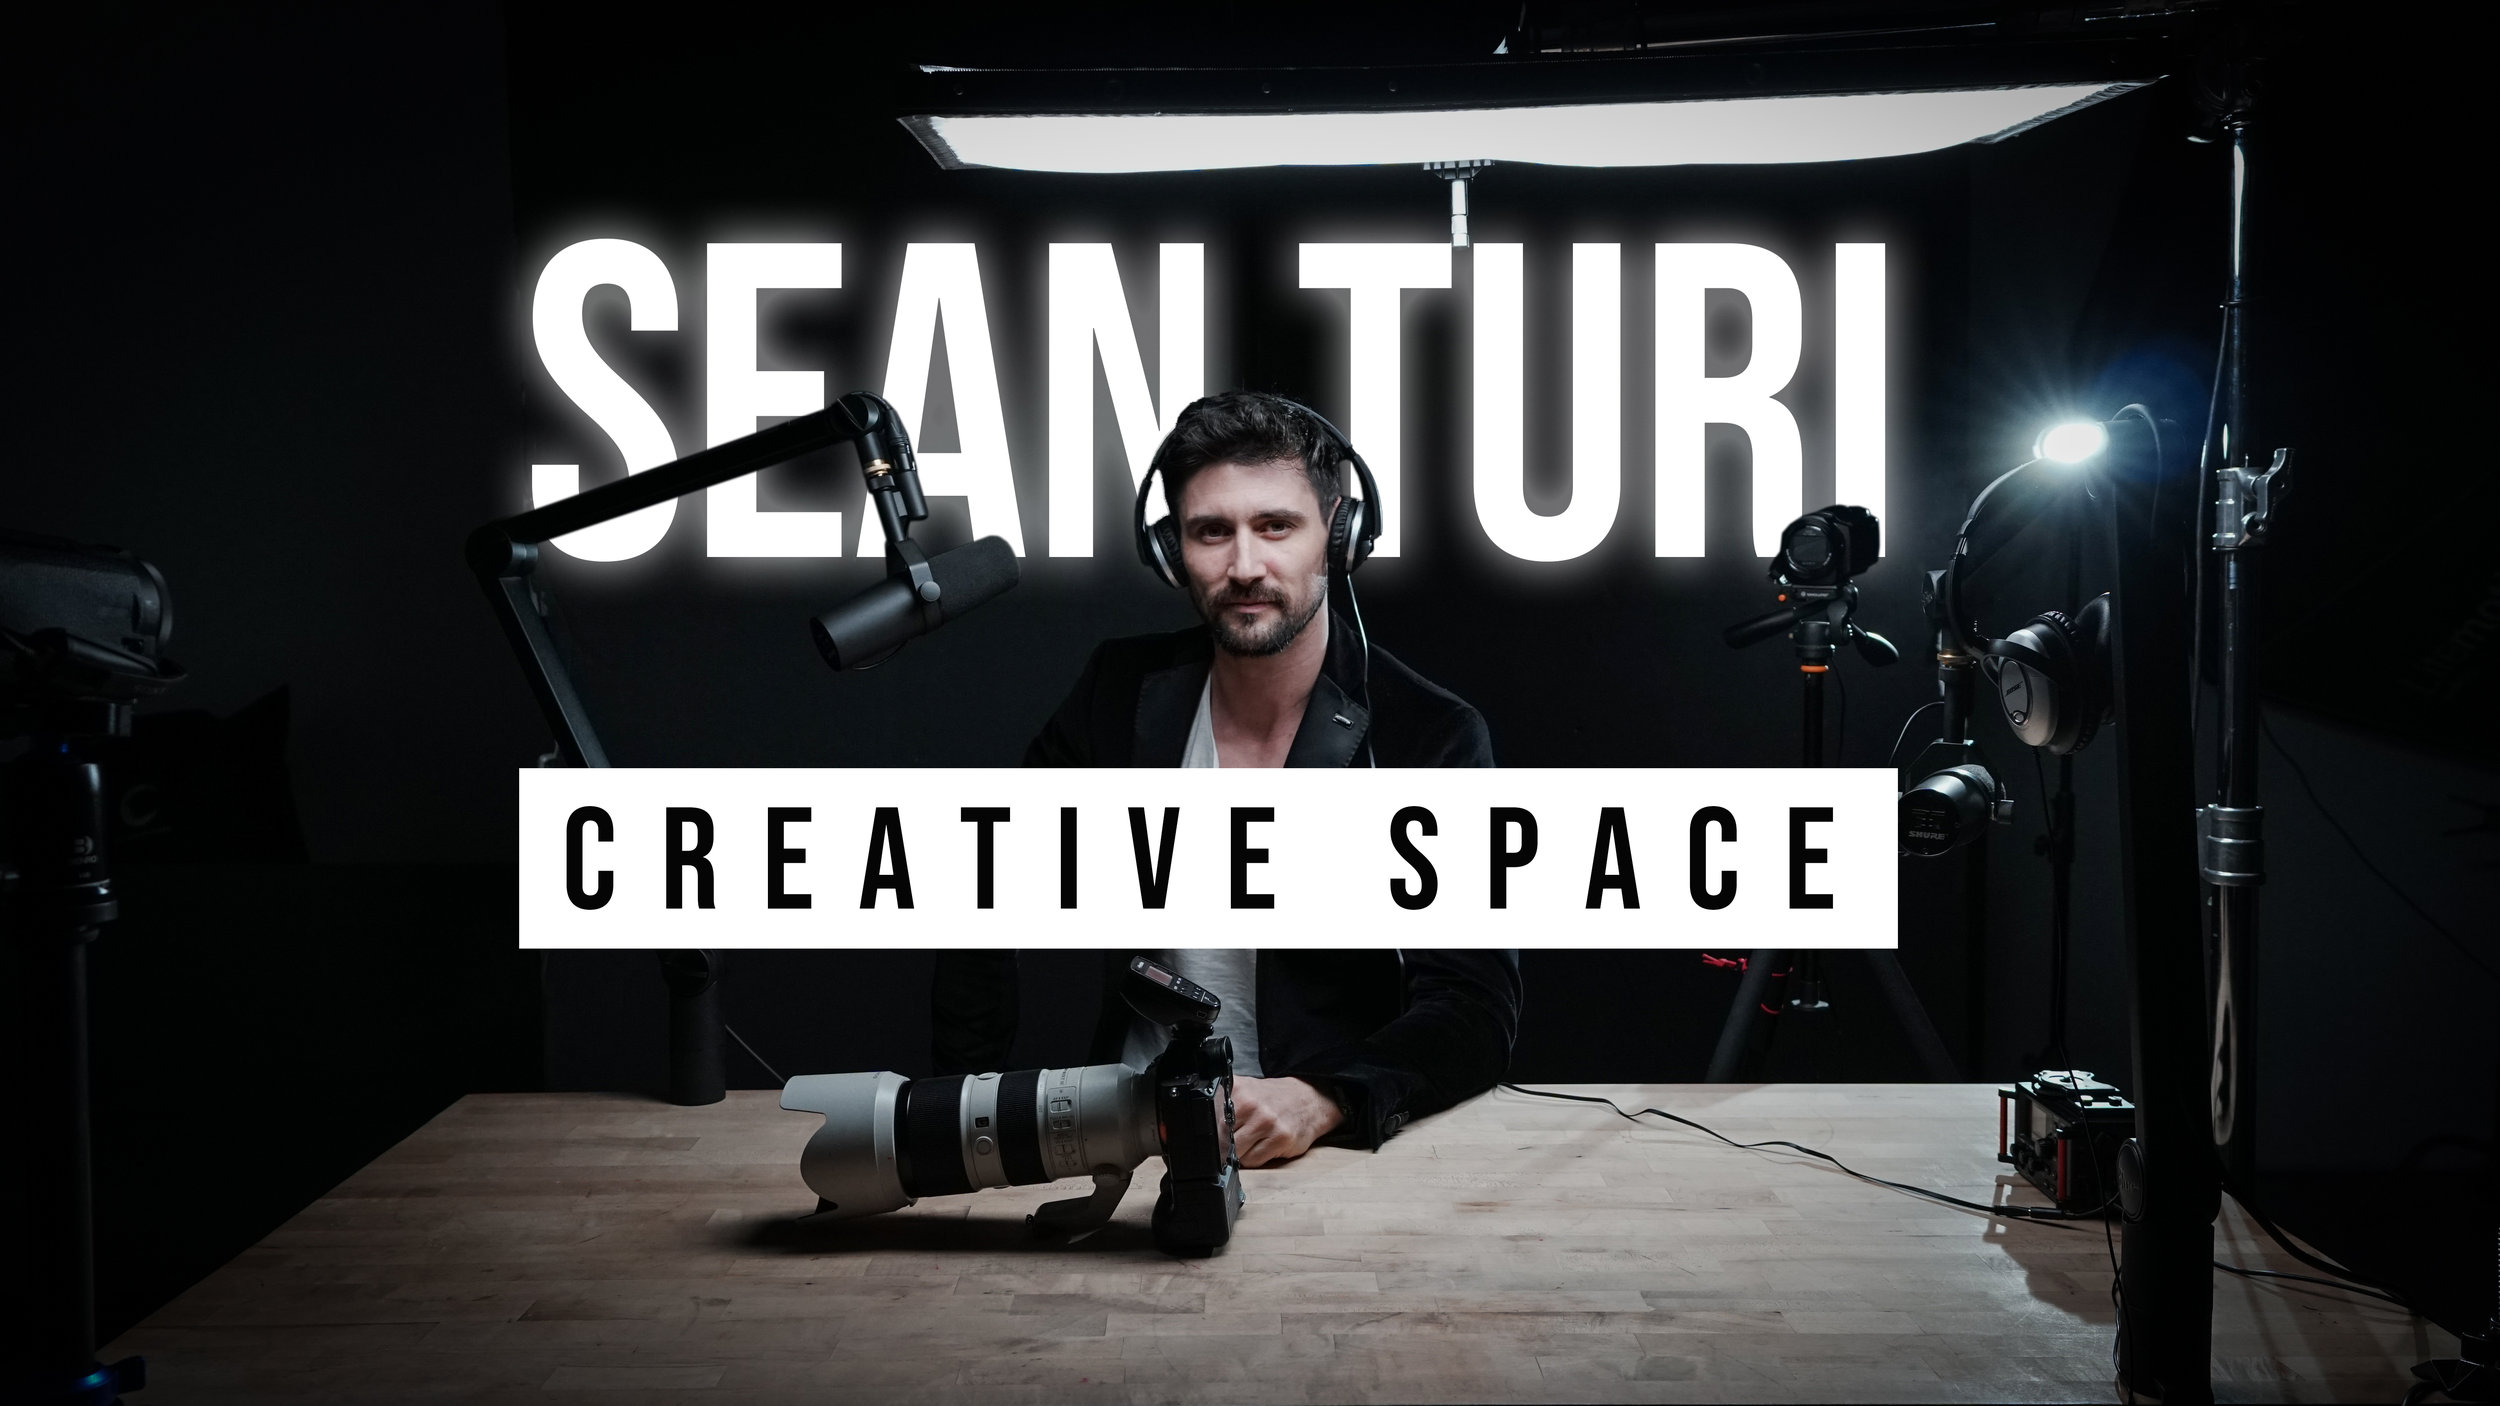 Sean Turi Creative Space